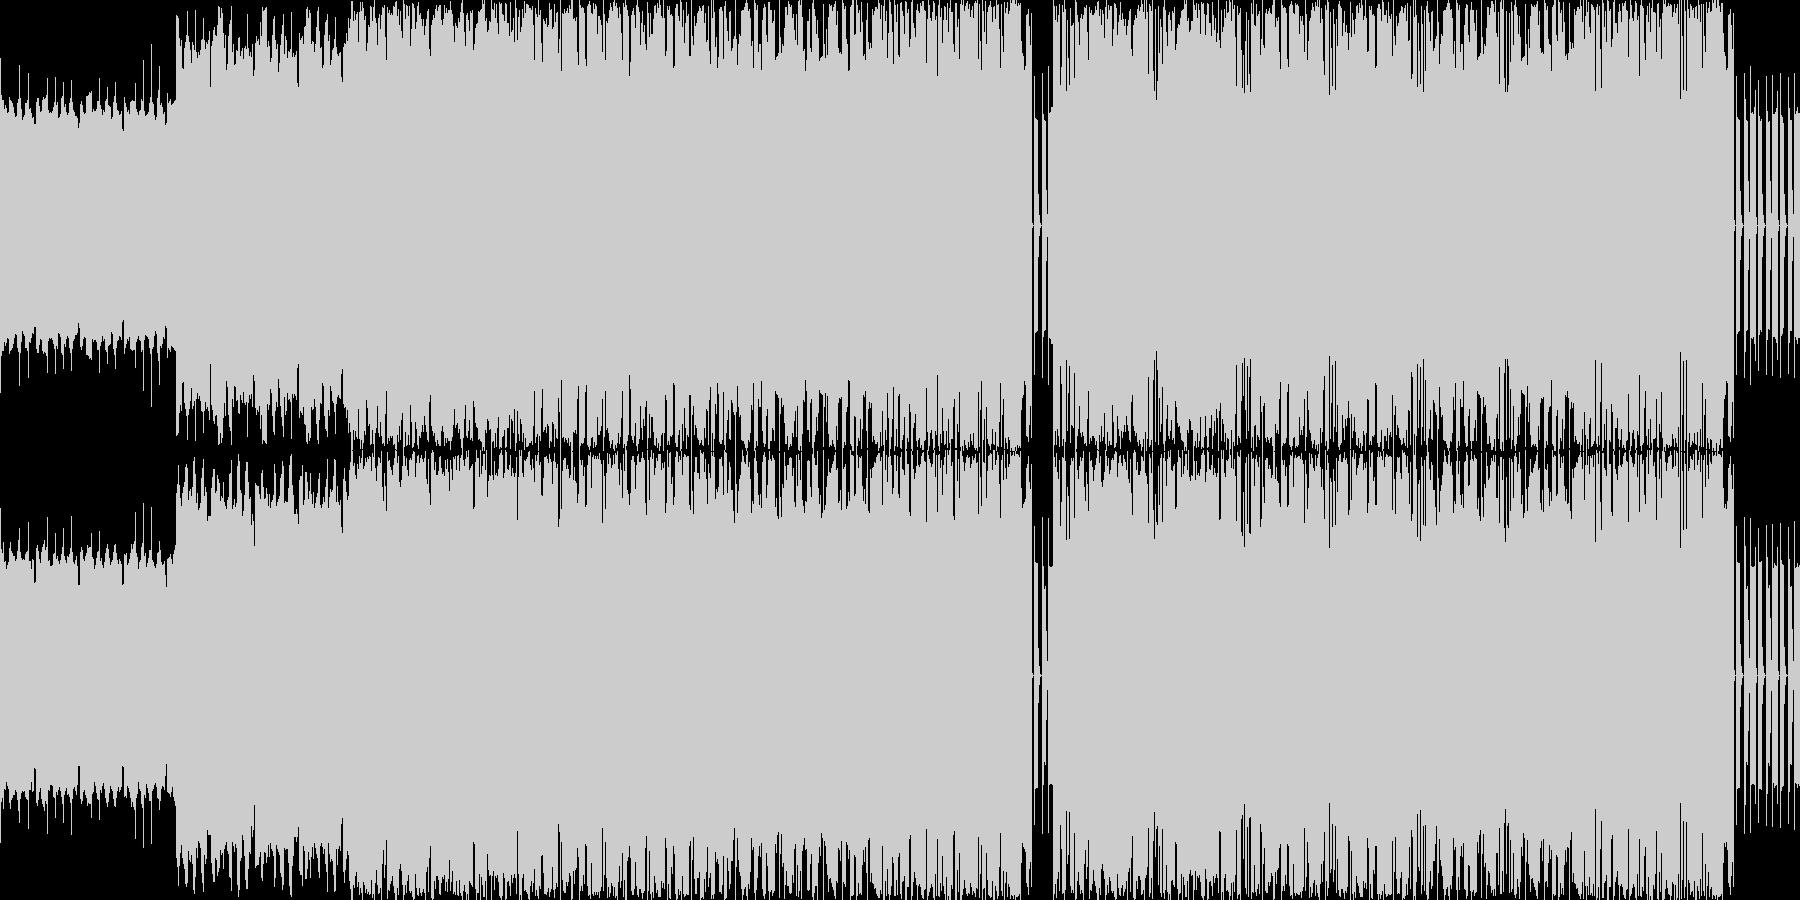 【アップテンポでロックなシンセEDM】の未再生の波形